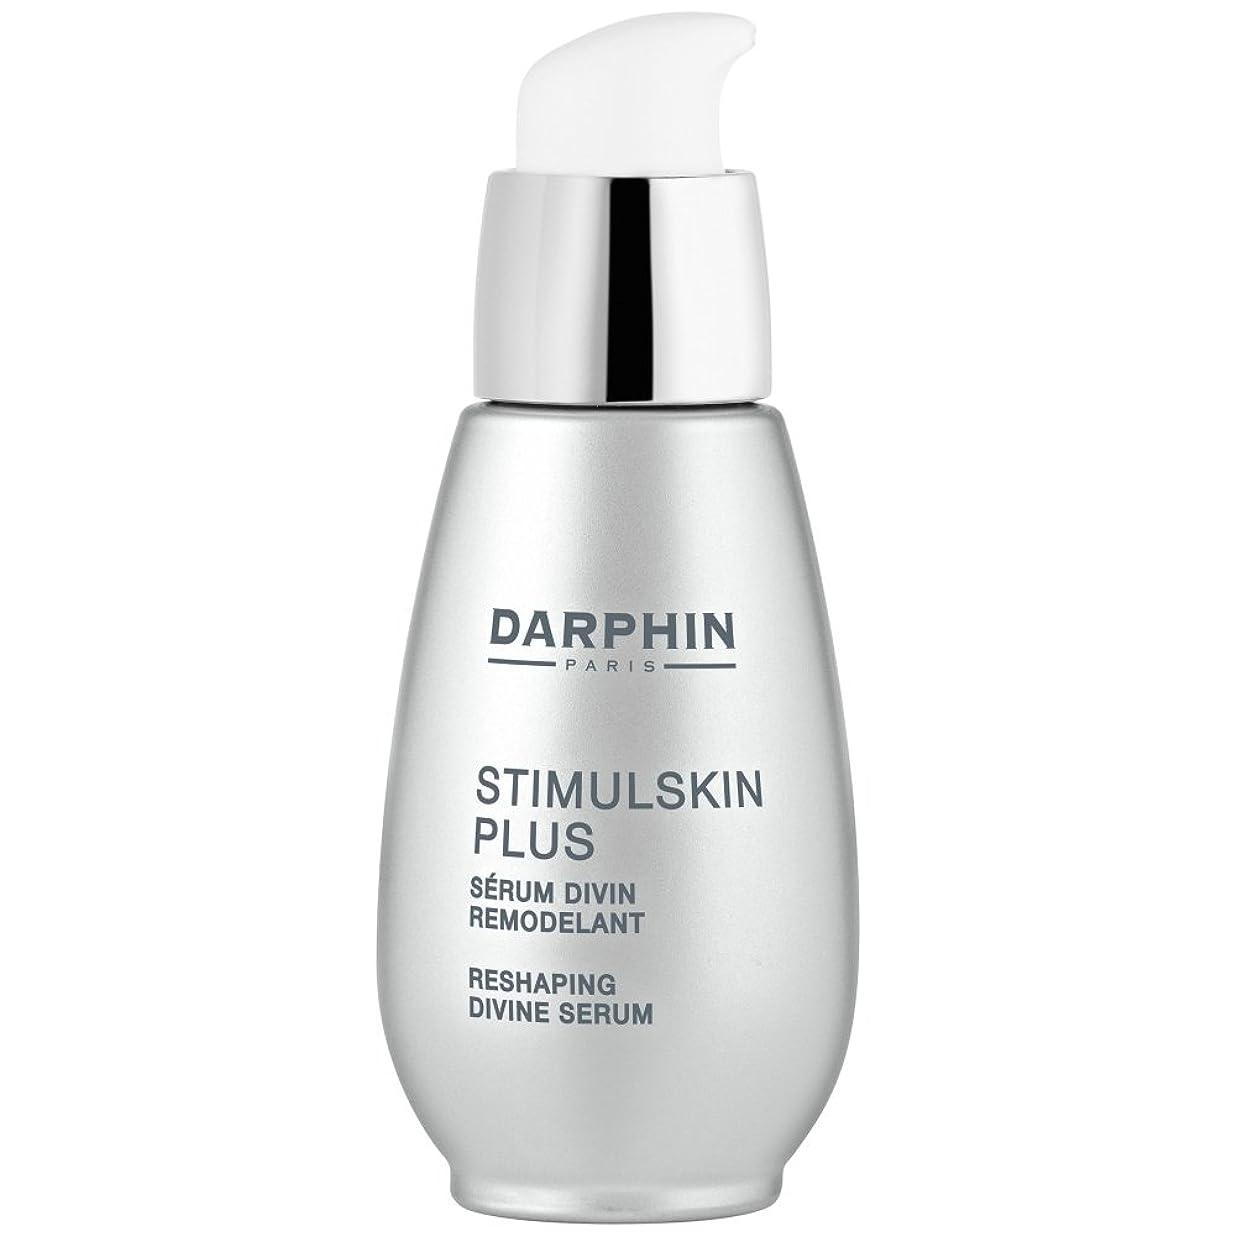 ベーリング海峡できればオーナメントダルファンスティプラス神整形血清15ミリリットル (Darphin) (x6) - Darphin Stimulskin Plus Divine Reshaping Serum 15ml (Pack of 6) [並行輸入品]